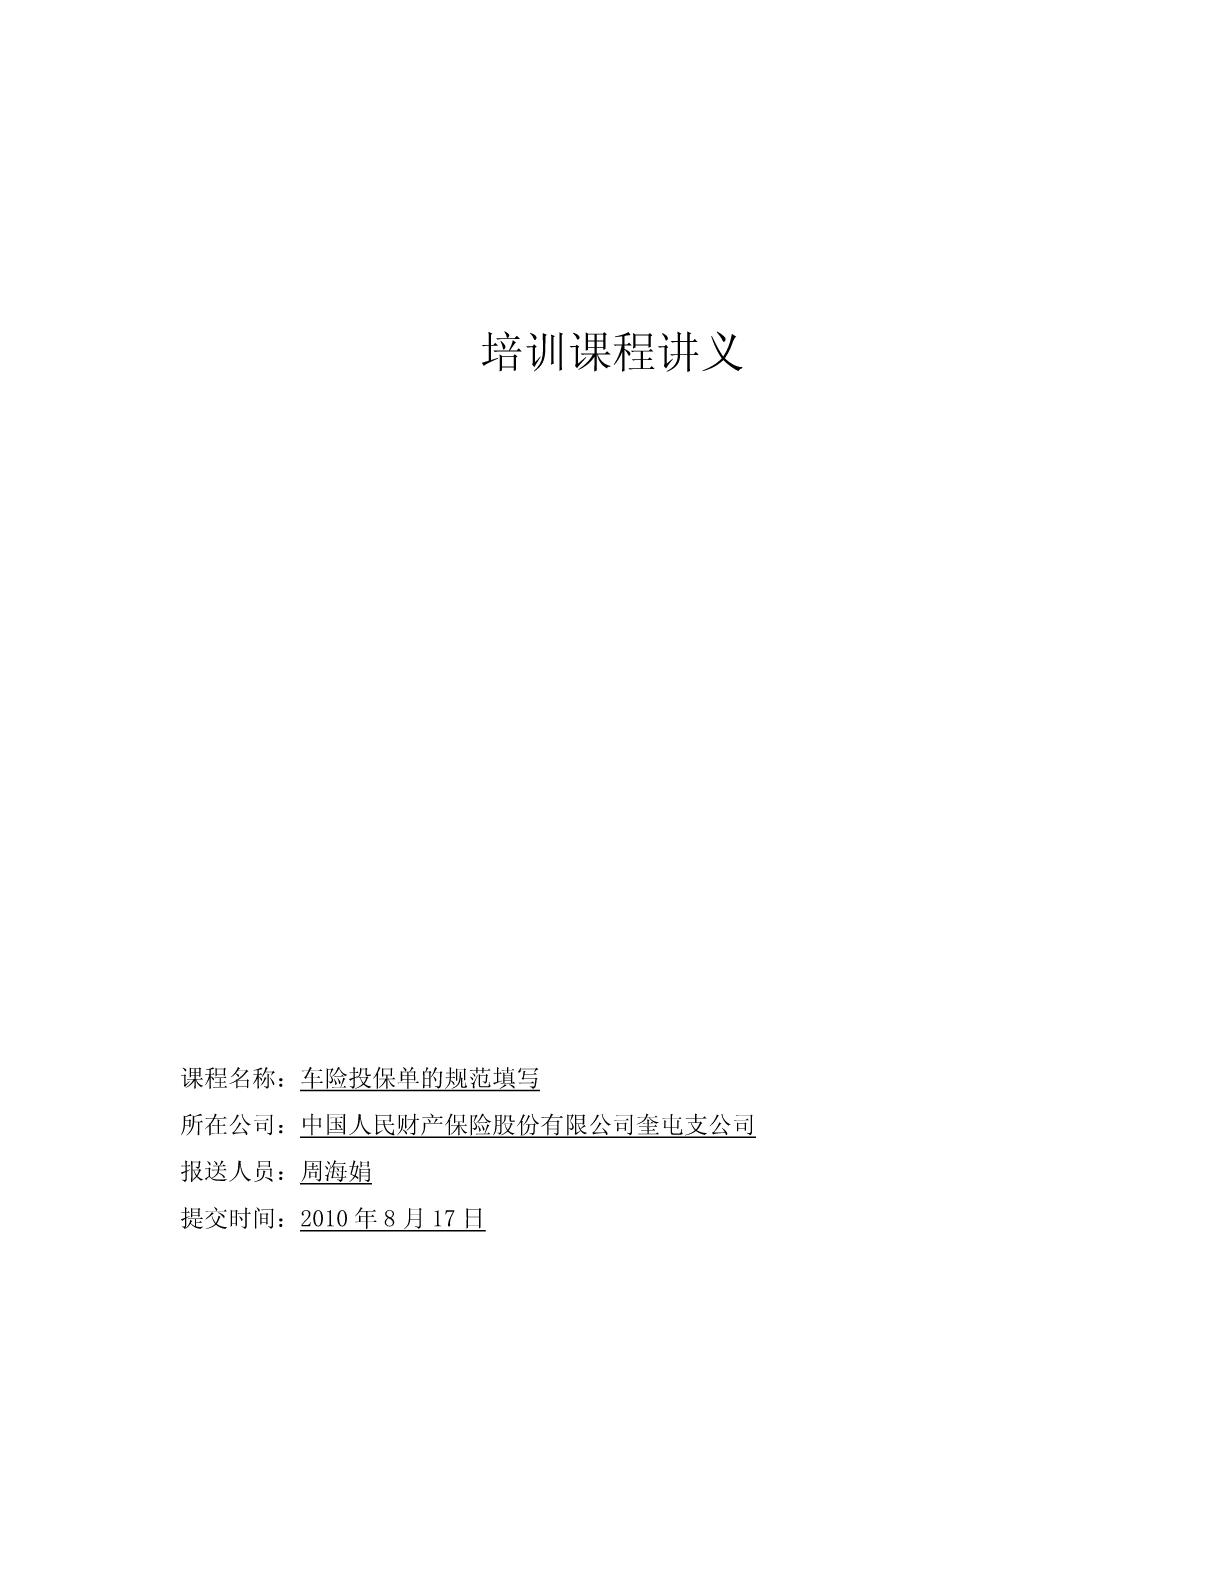 1-1584-png_6_0_0_0_0_1836_2376_1836_2376-1224-0-0-1224.jpg